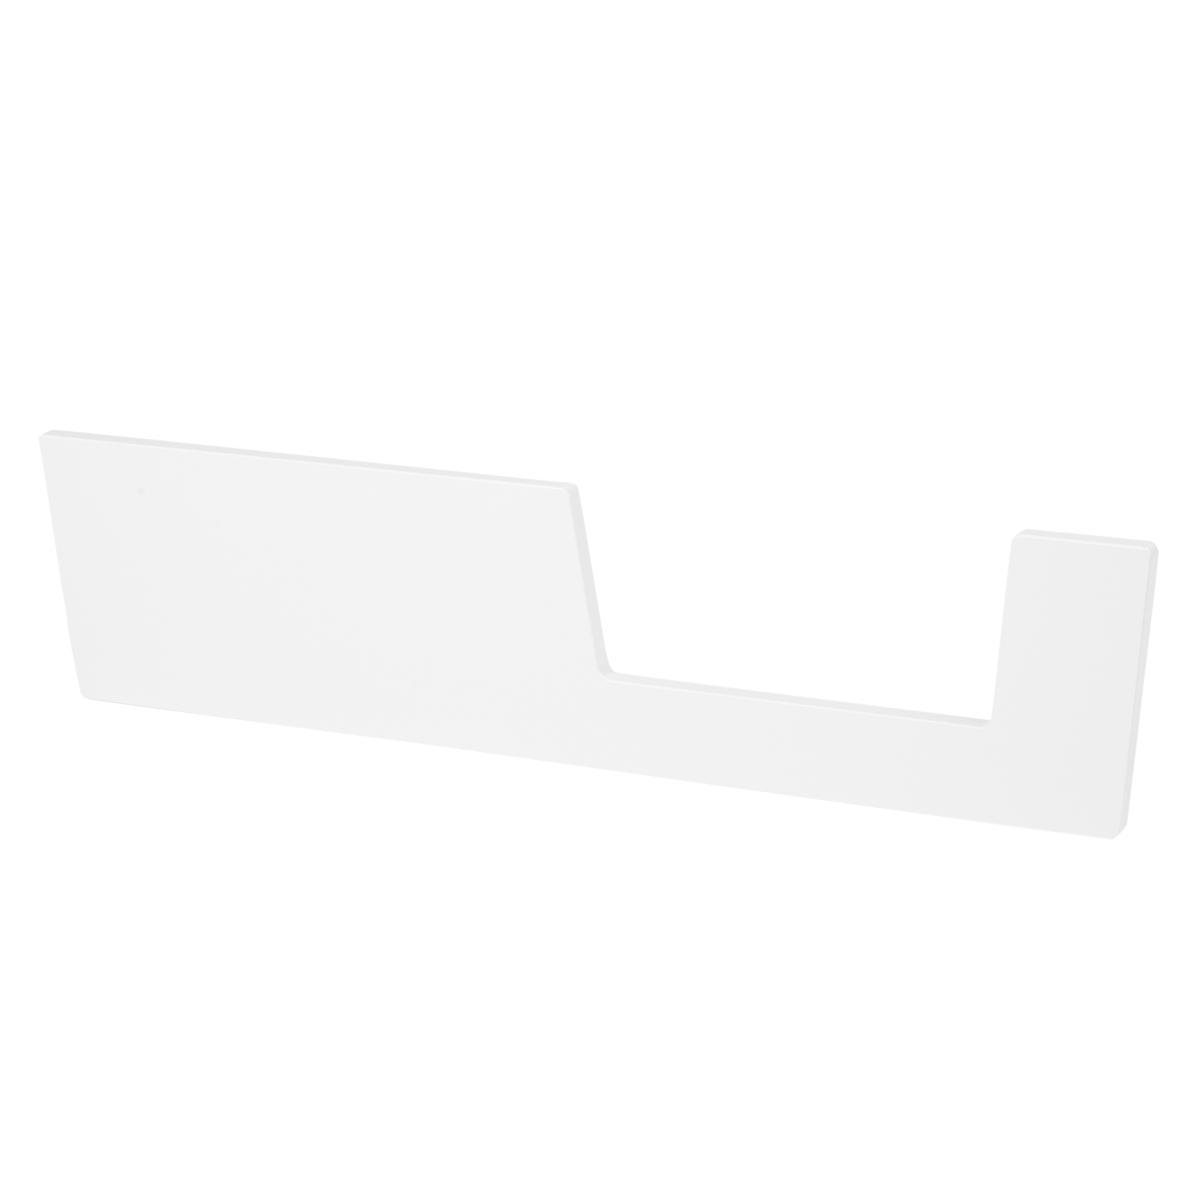 Barrière de sécurité Barrière de Lit - Blanc Barrière de Lit - Blanc